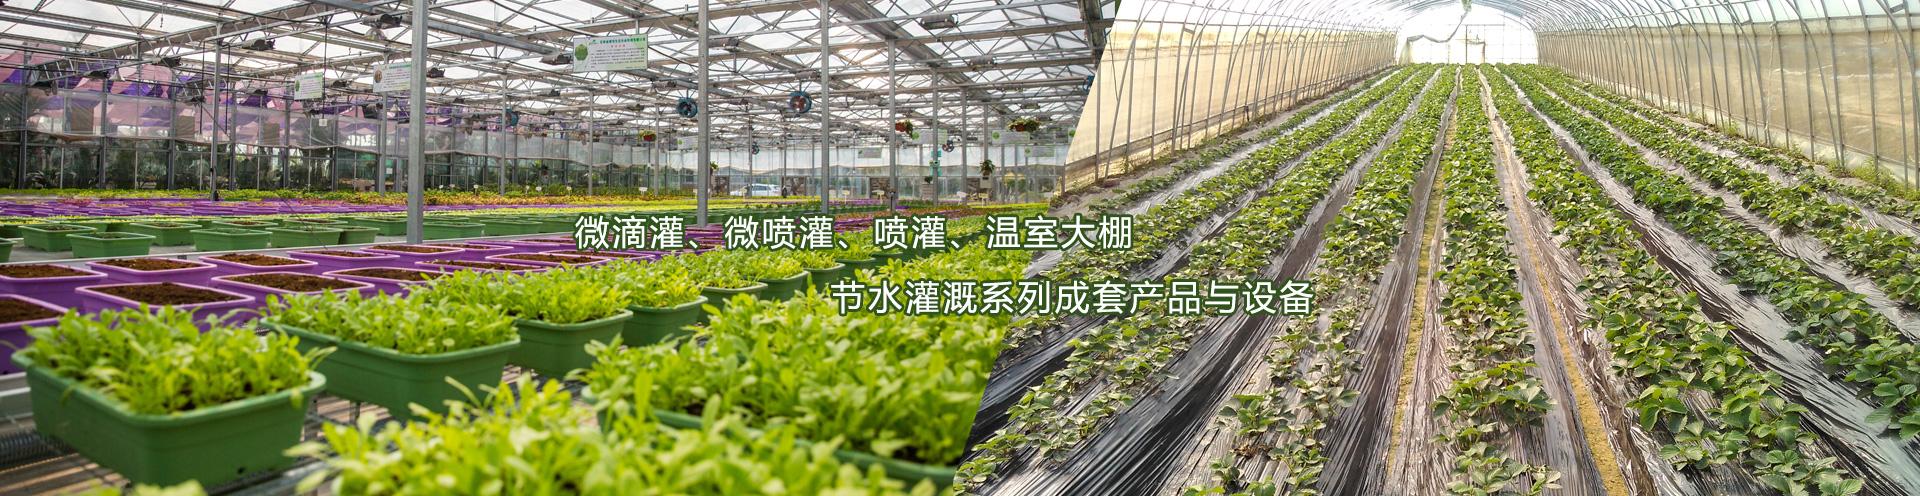 智能施肥机,果园灌溉设备,大棚微喷设备,膜下滴灌,智能施肥机